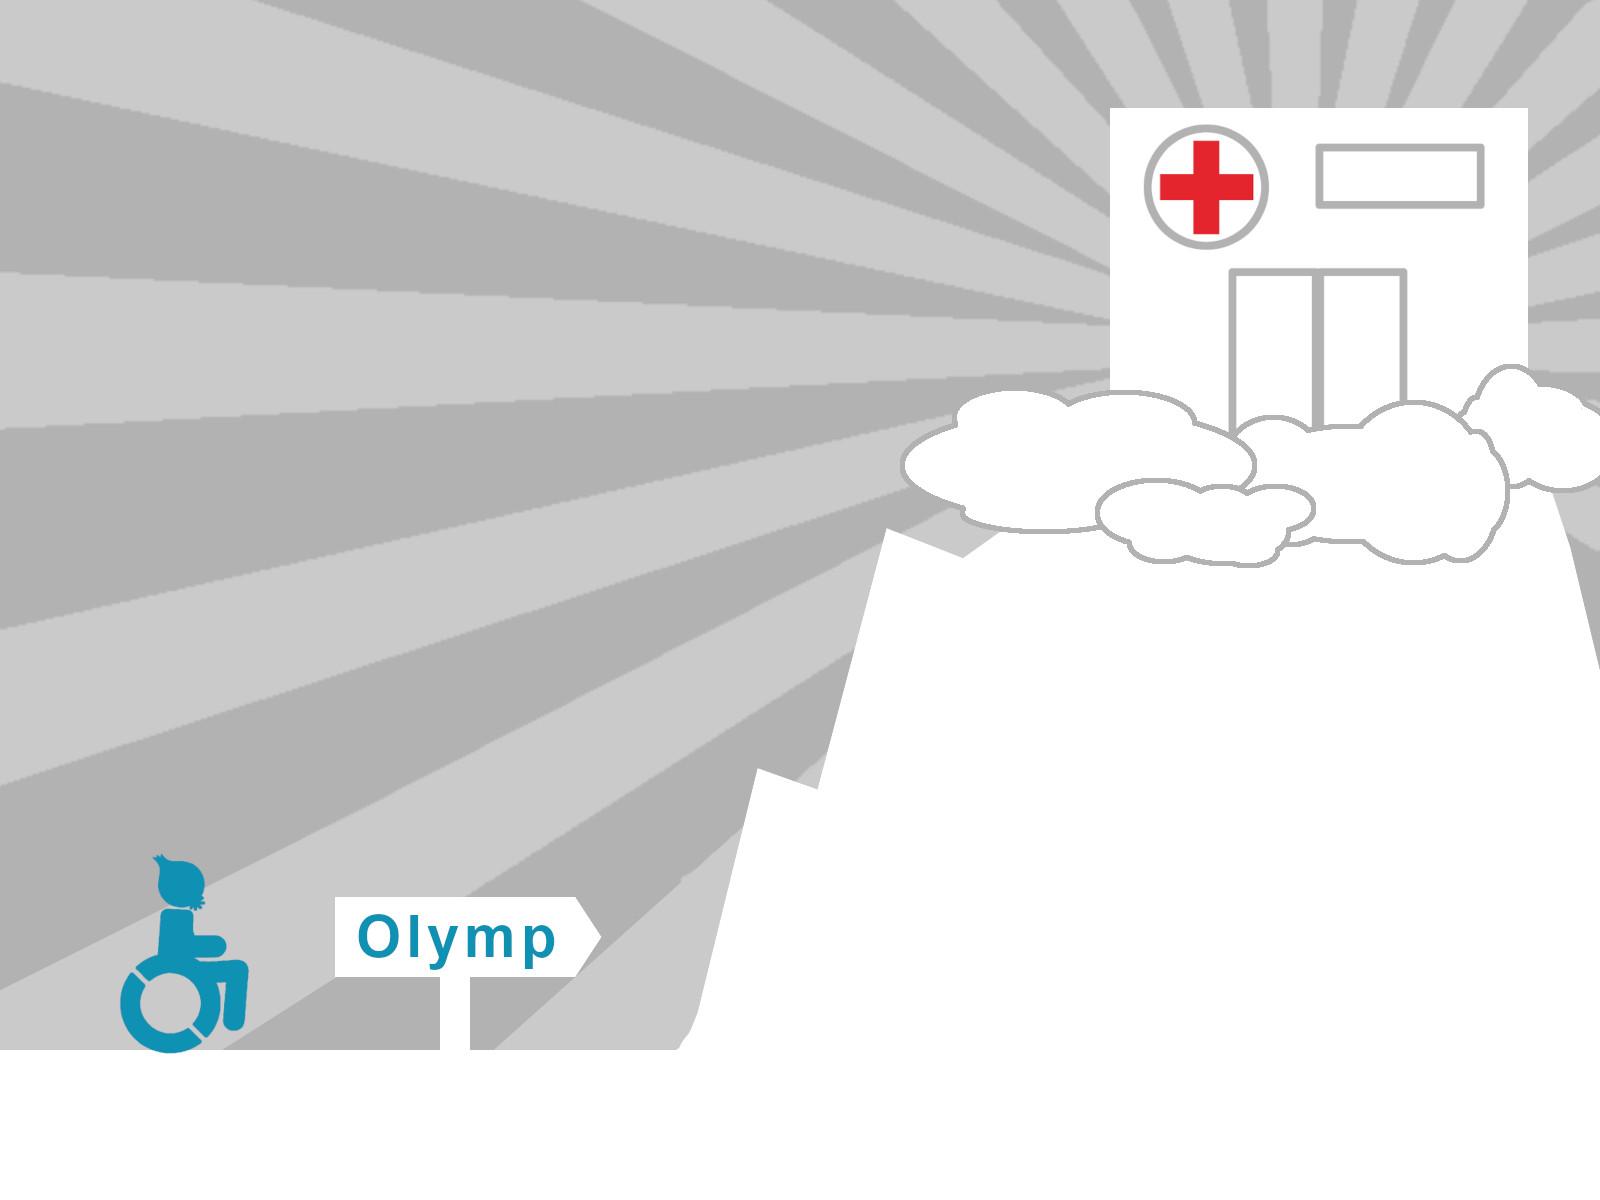 Der Olymp mit einem Krankenhaus auf dem Gipfel.